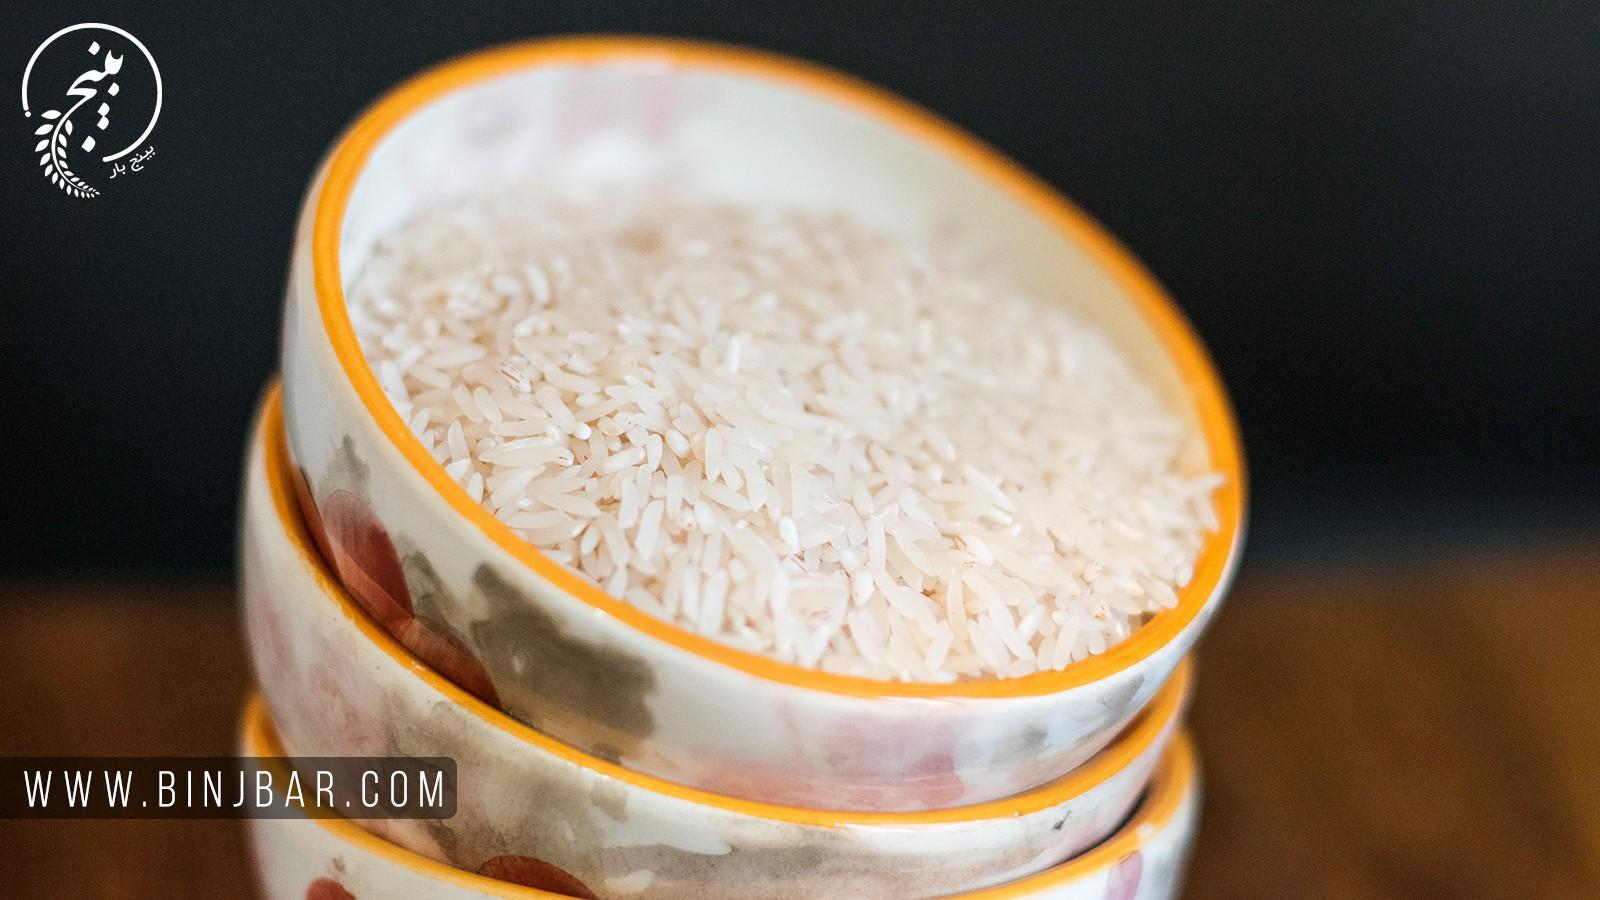 نگهداری درست از برنج